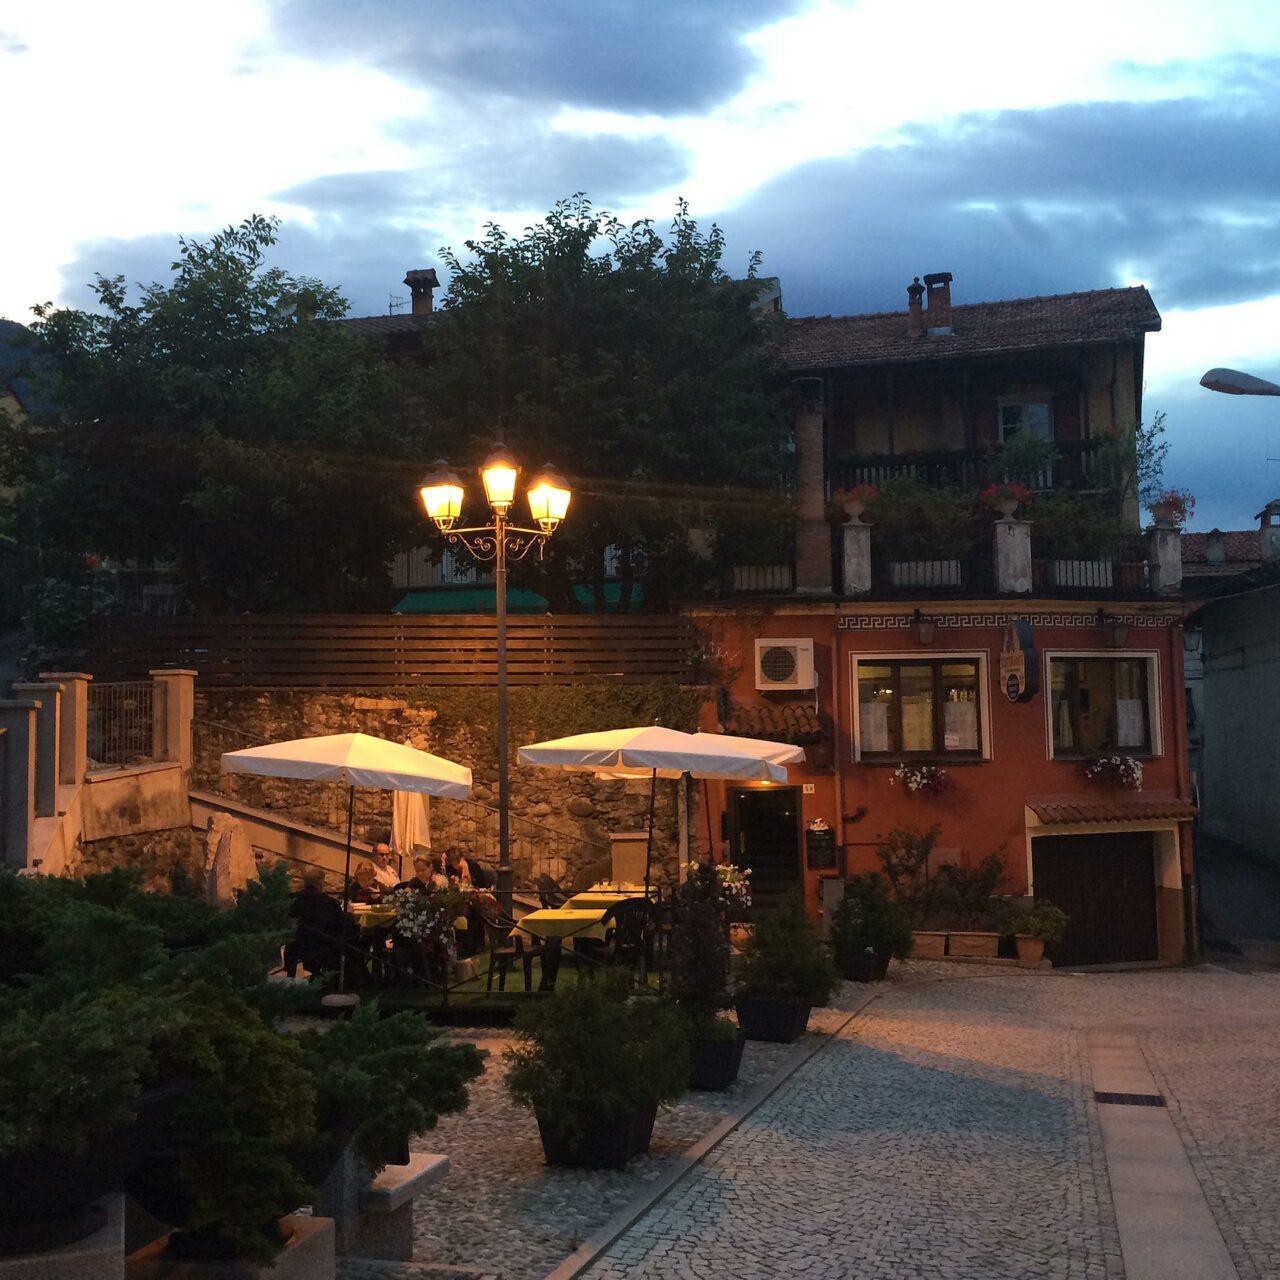 Ein Pinot Grigio am Abend sollte in jedem noch so kleinen Ort Italiens probiert werden